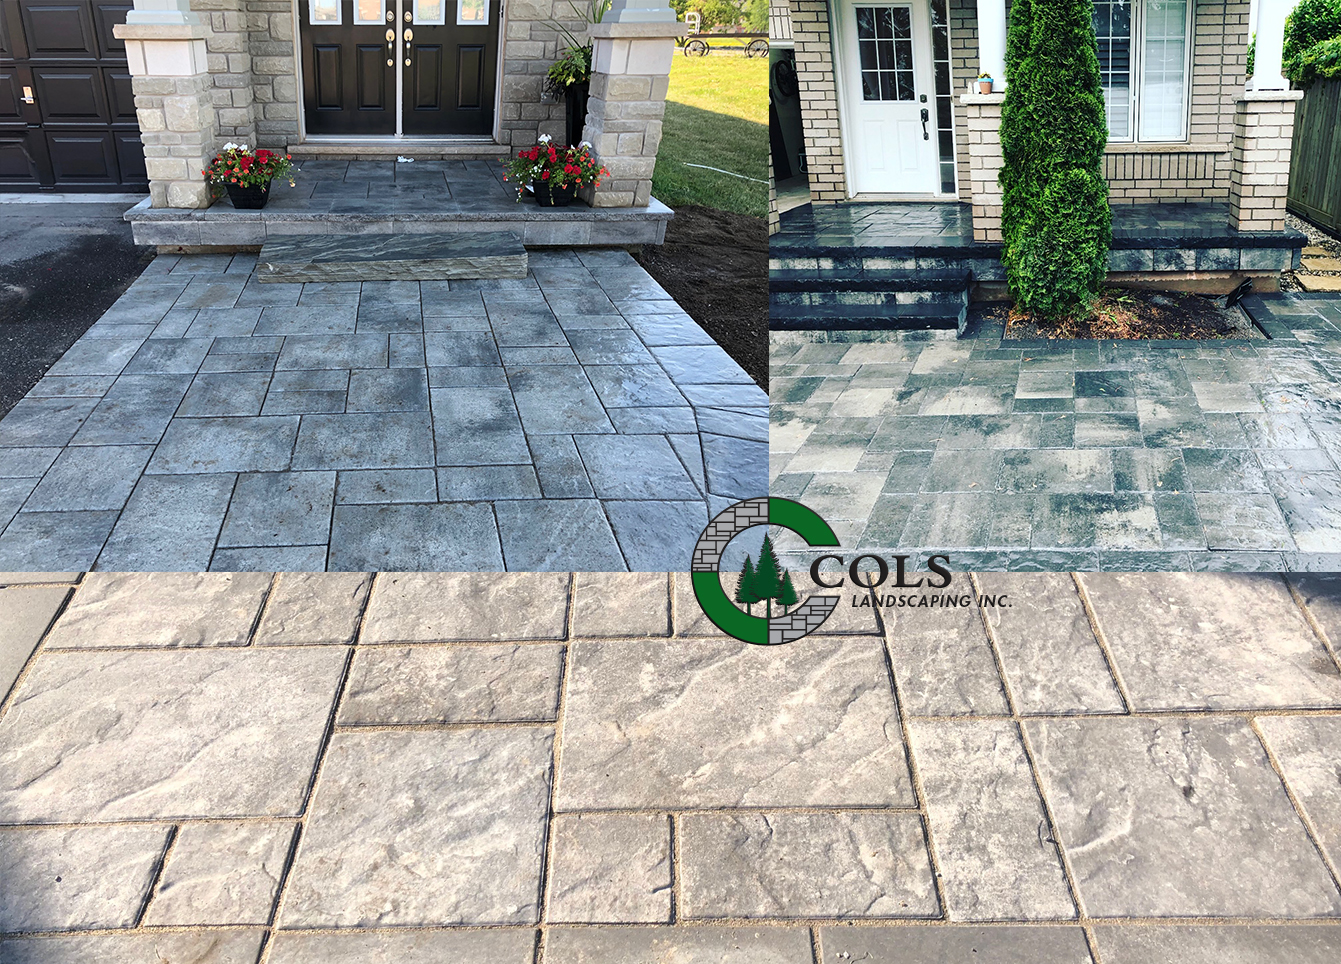 COLS flagstone walkway